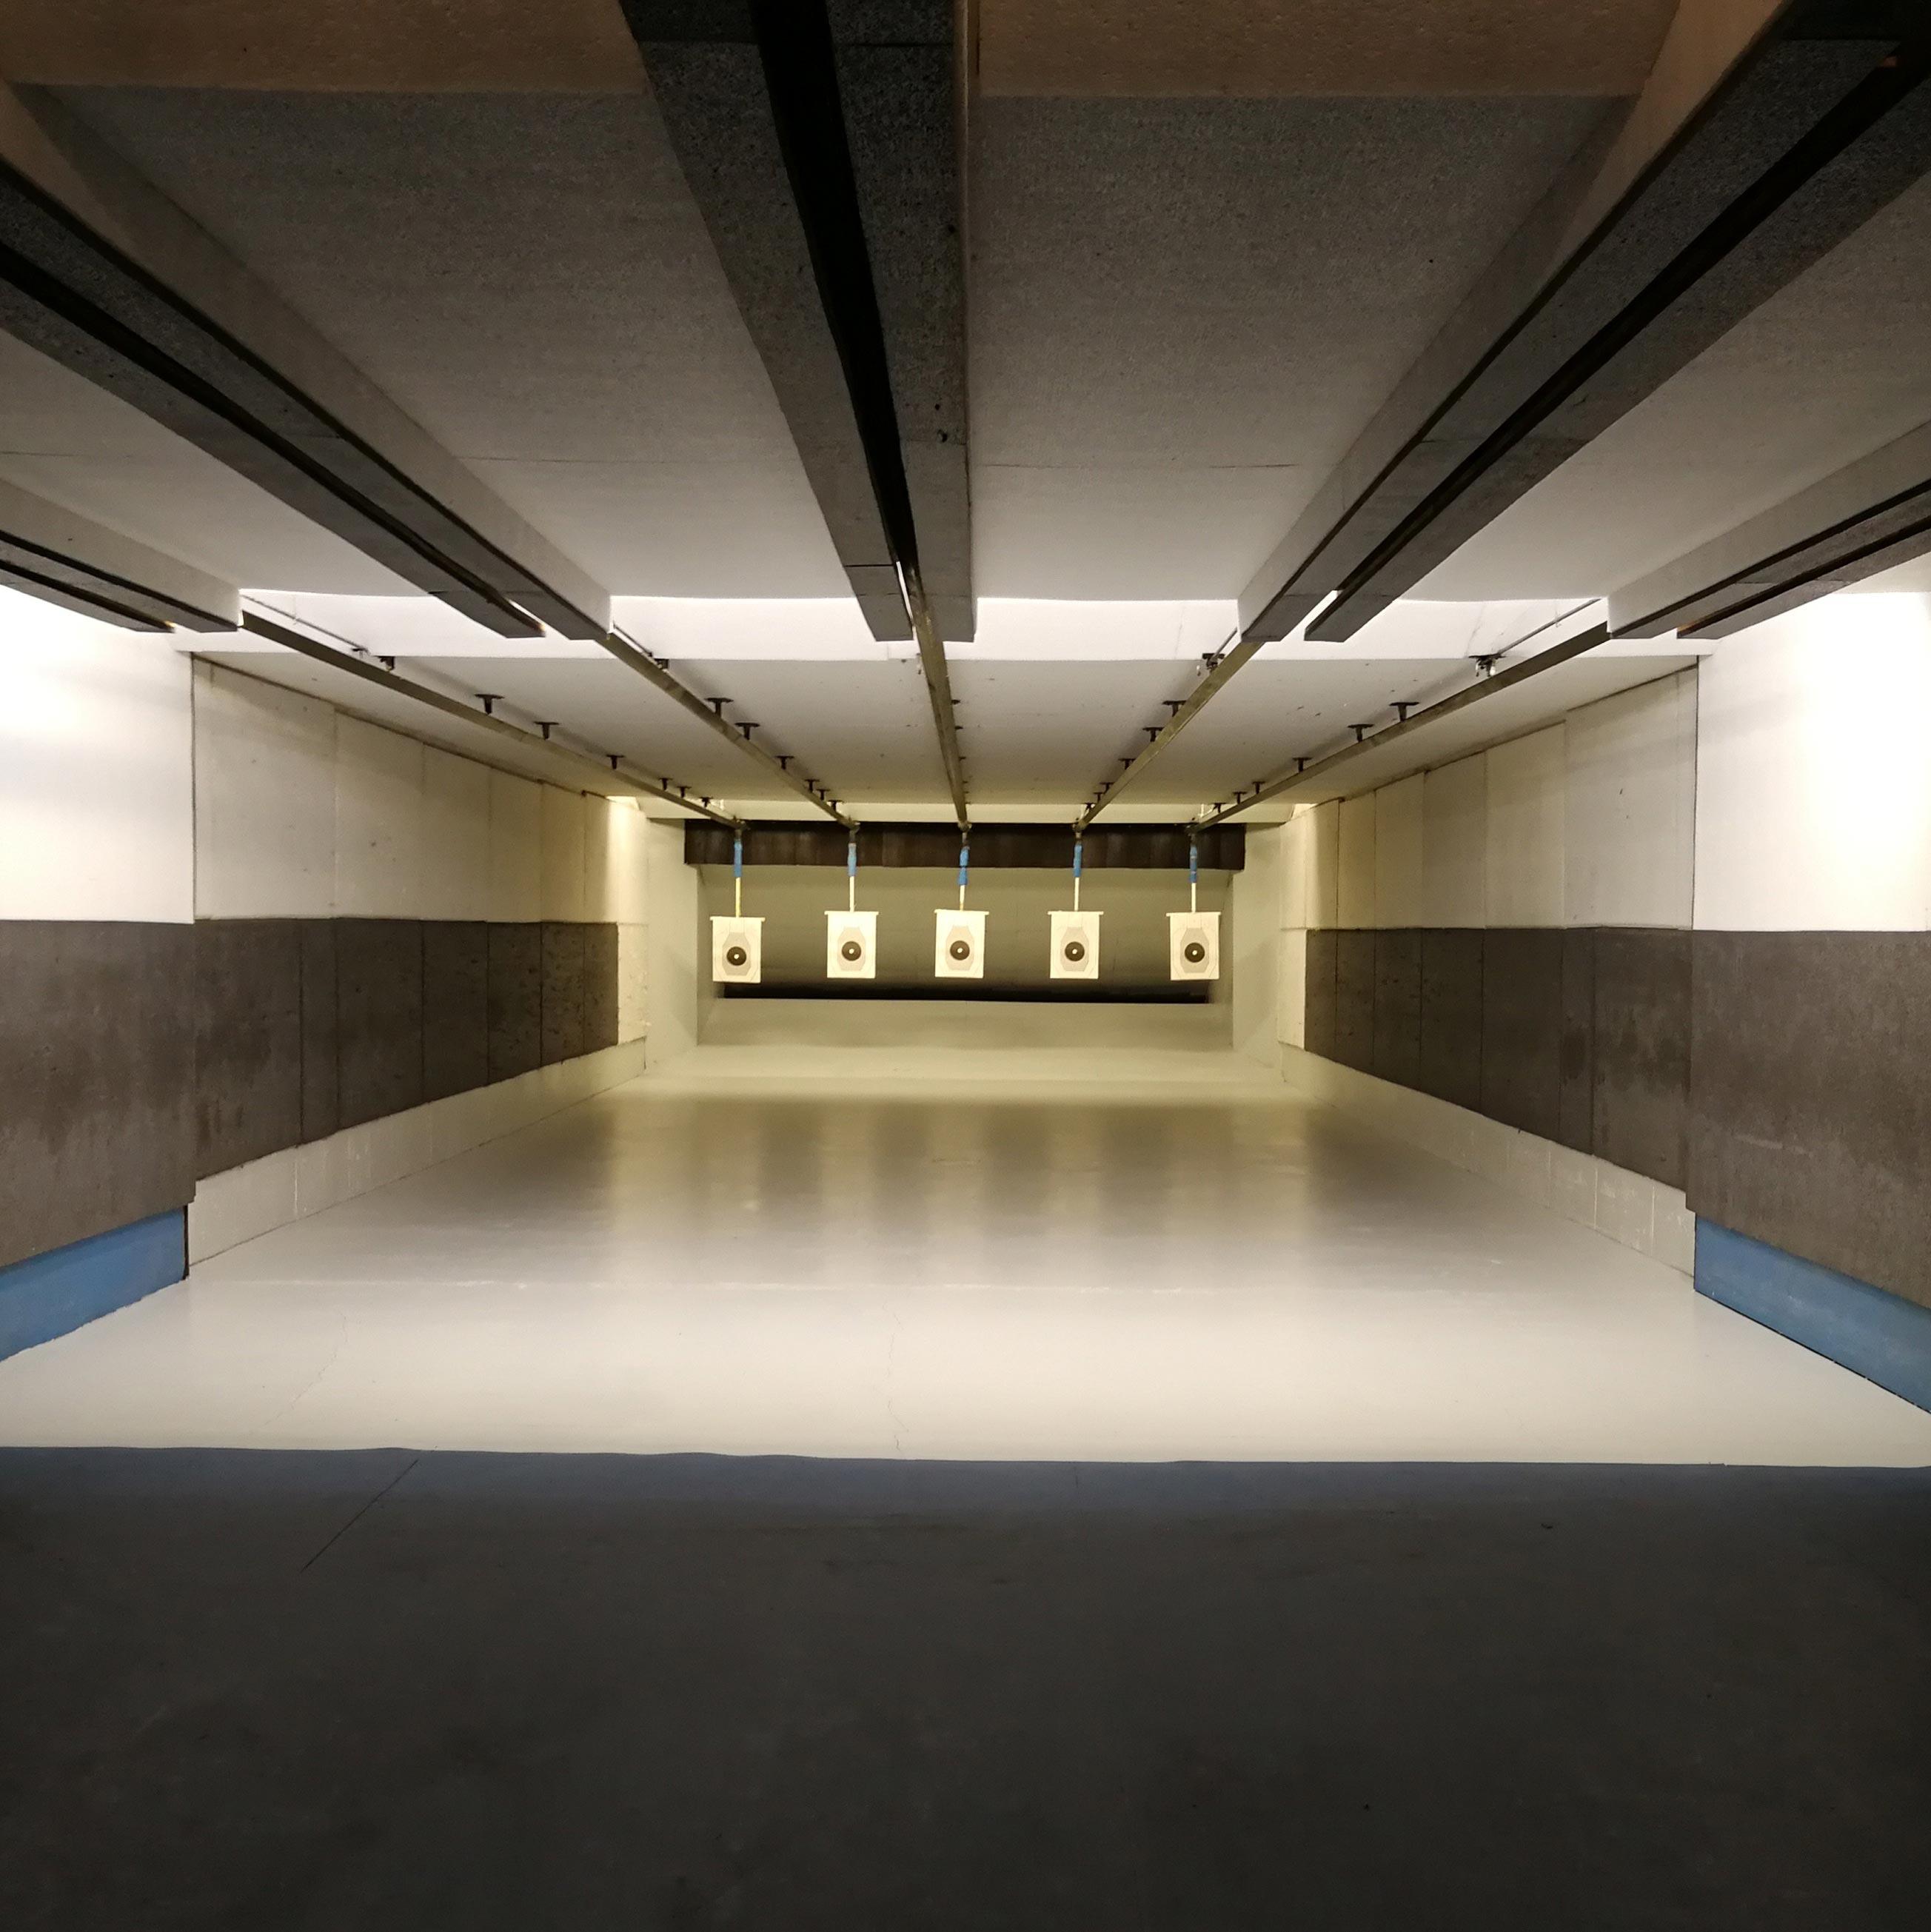 T.S.N. Treviglio / Struttura / Poligono in galleria a mt. 10 o 25 per armi corte di grosso calibro con 5 linee automatizzate 3